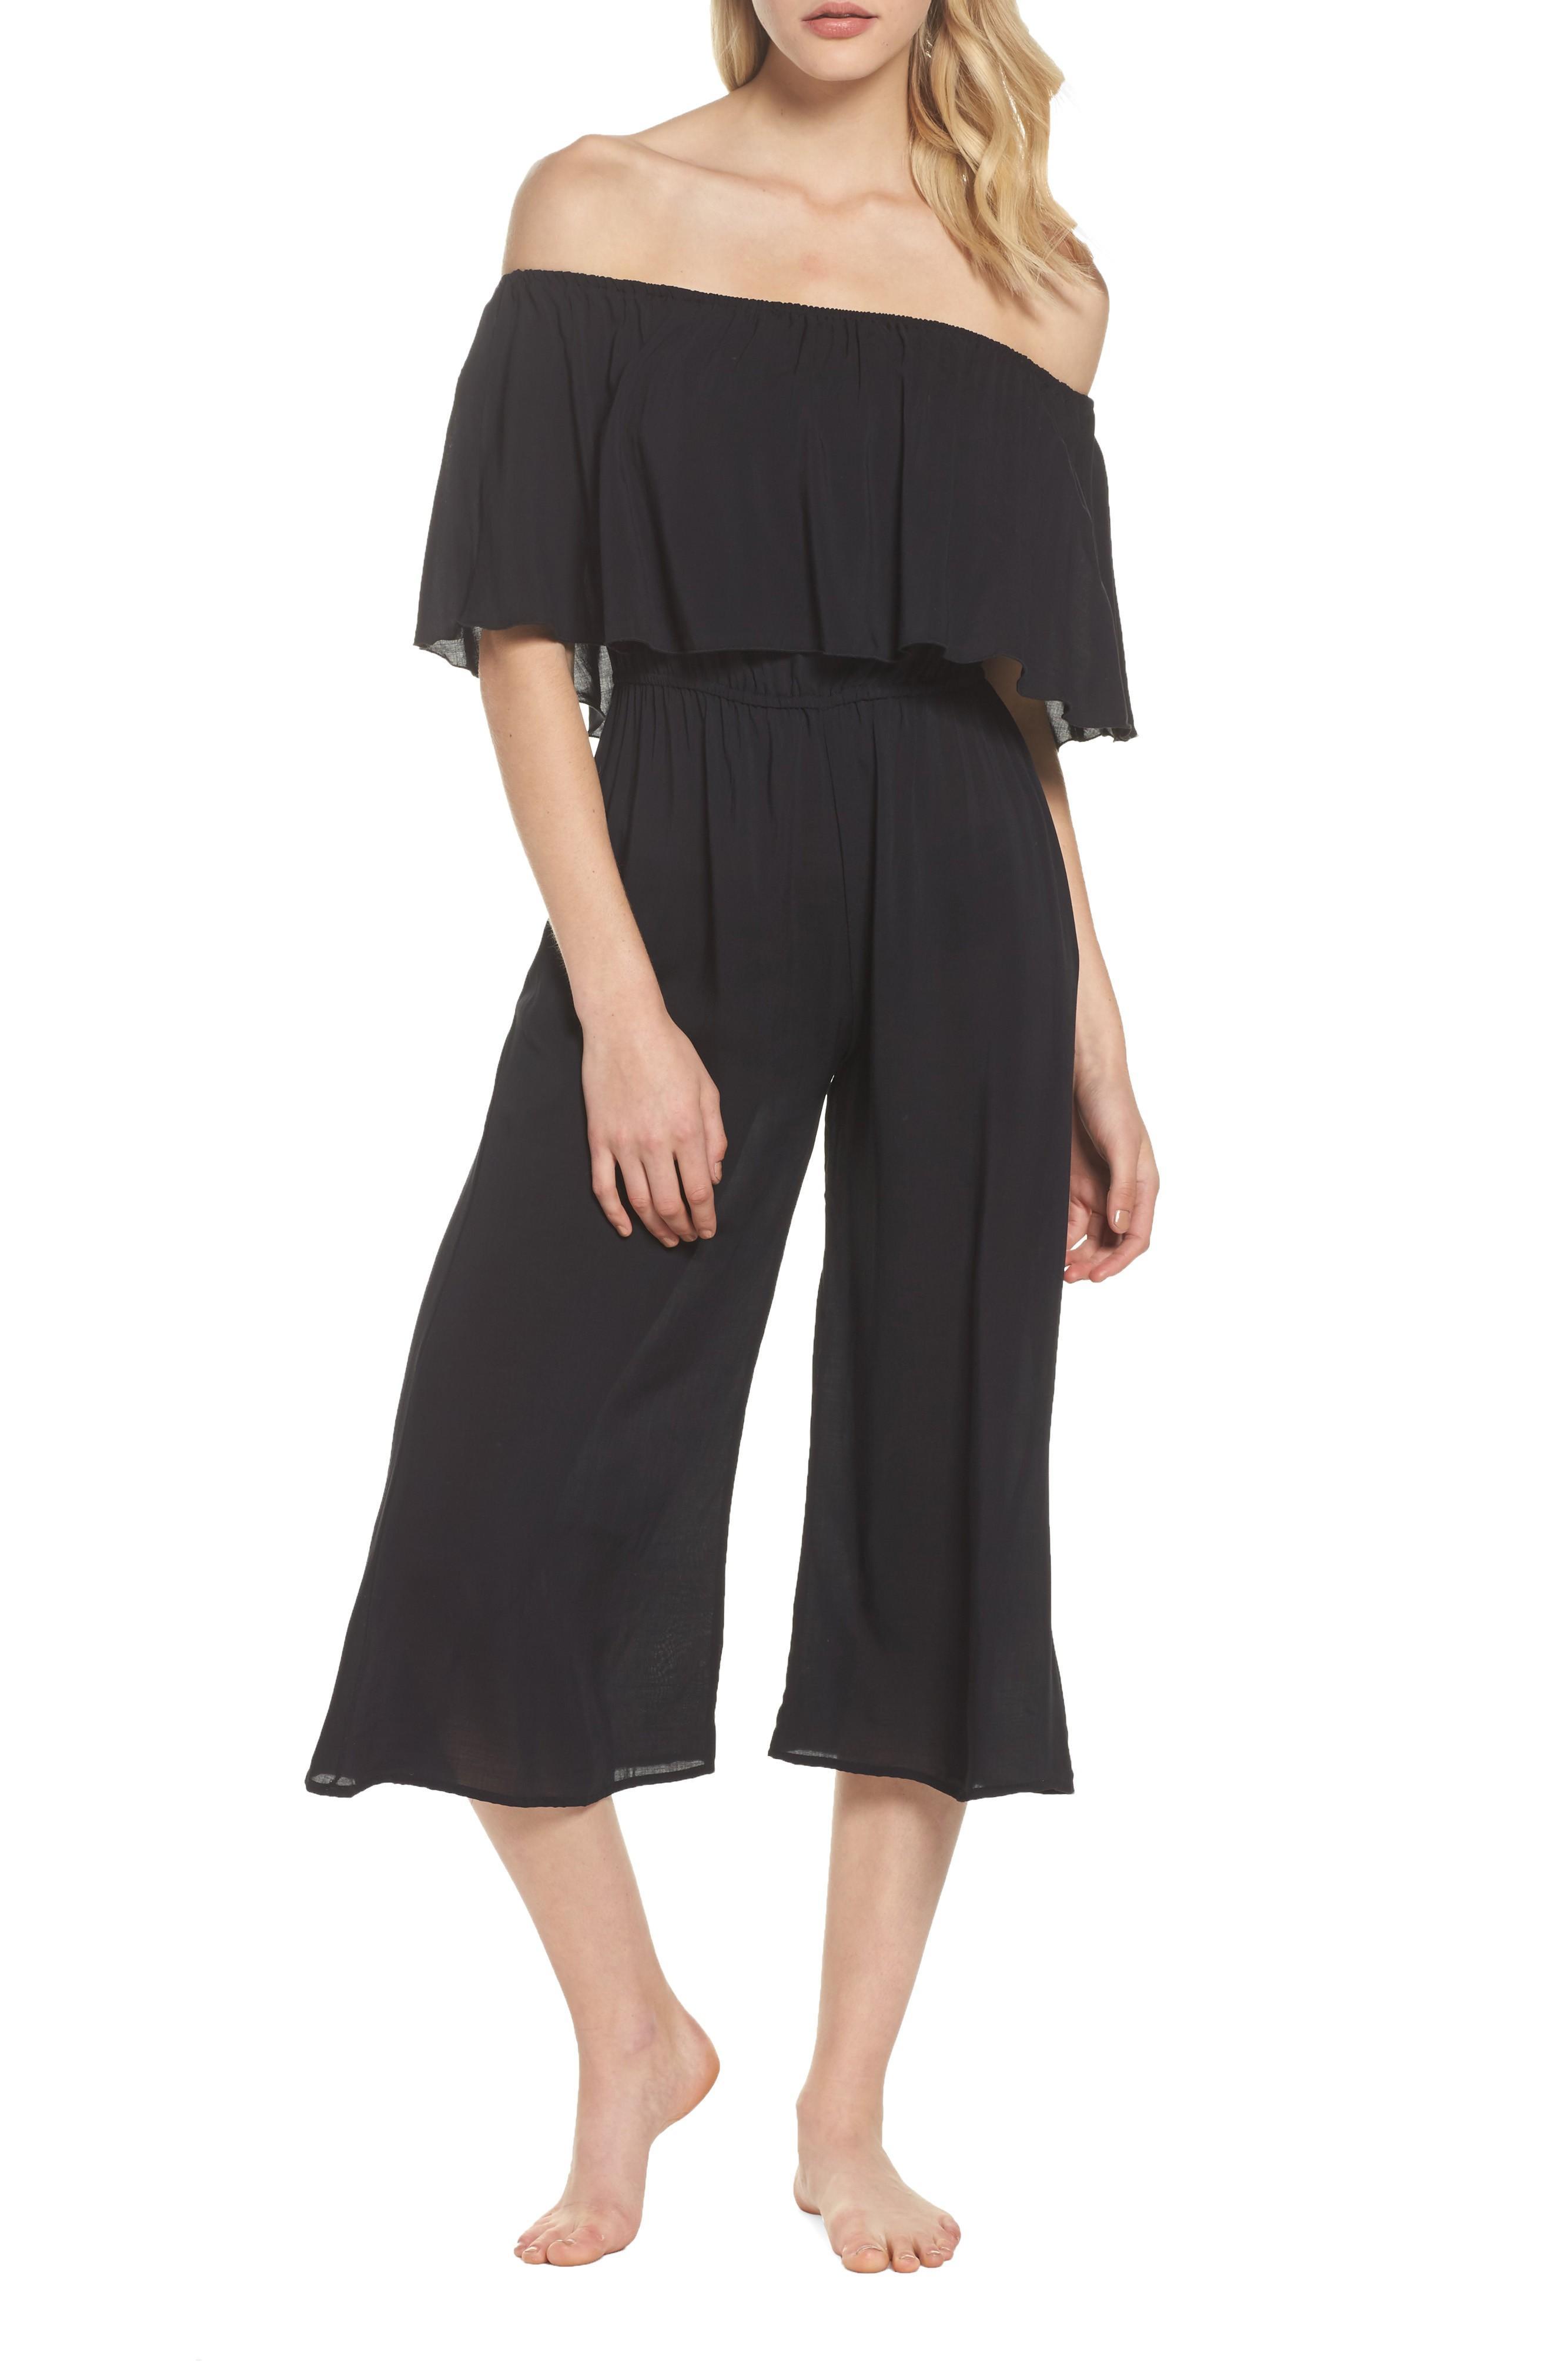 4926537812c4 Elan Off The Shoulder Cover-Up Jumpsuit In Black